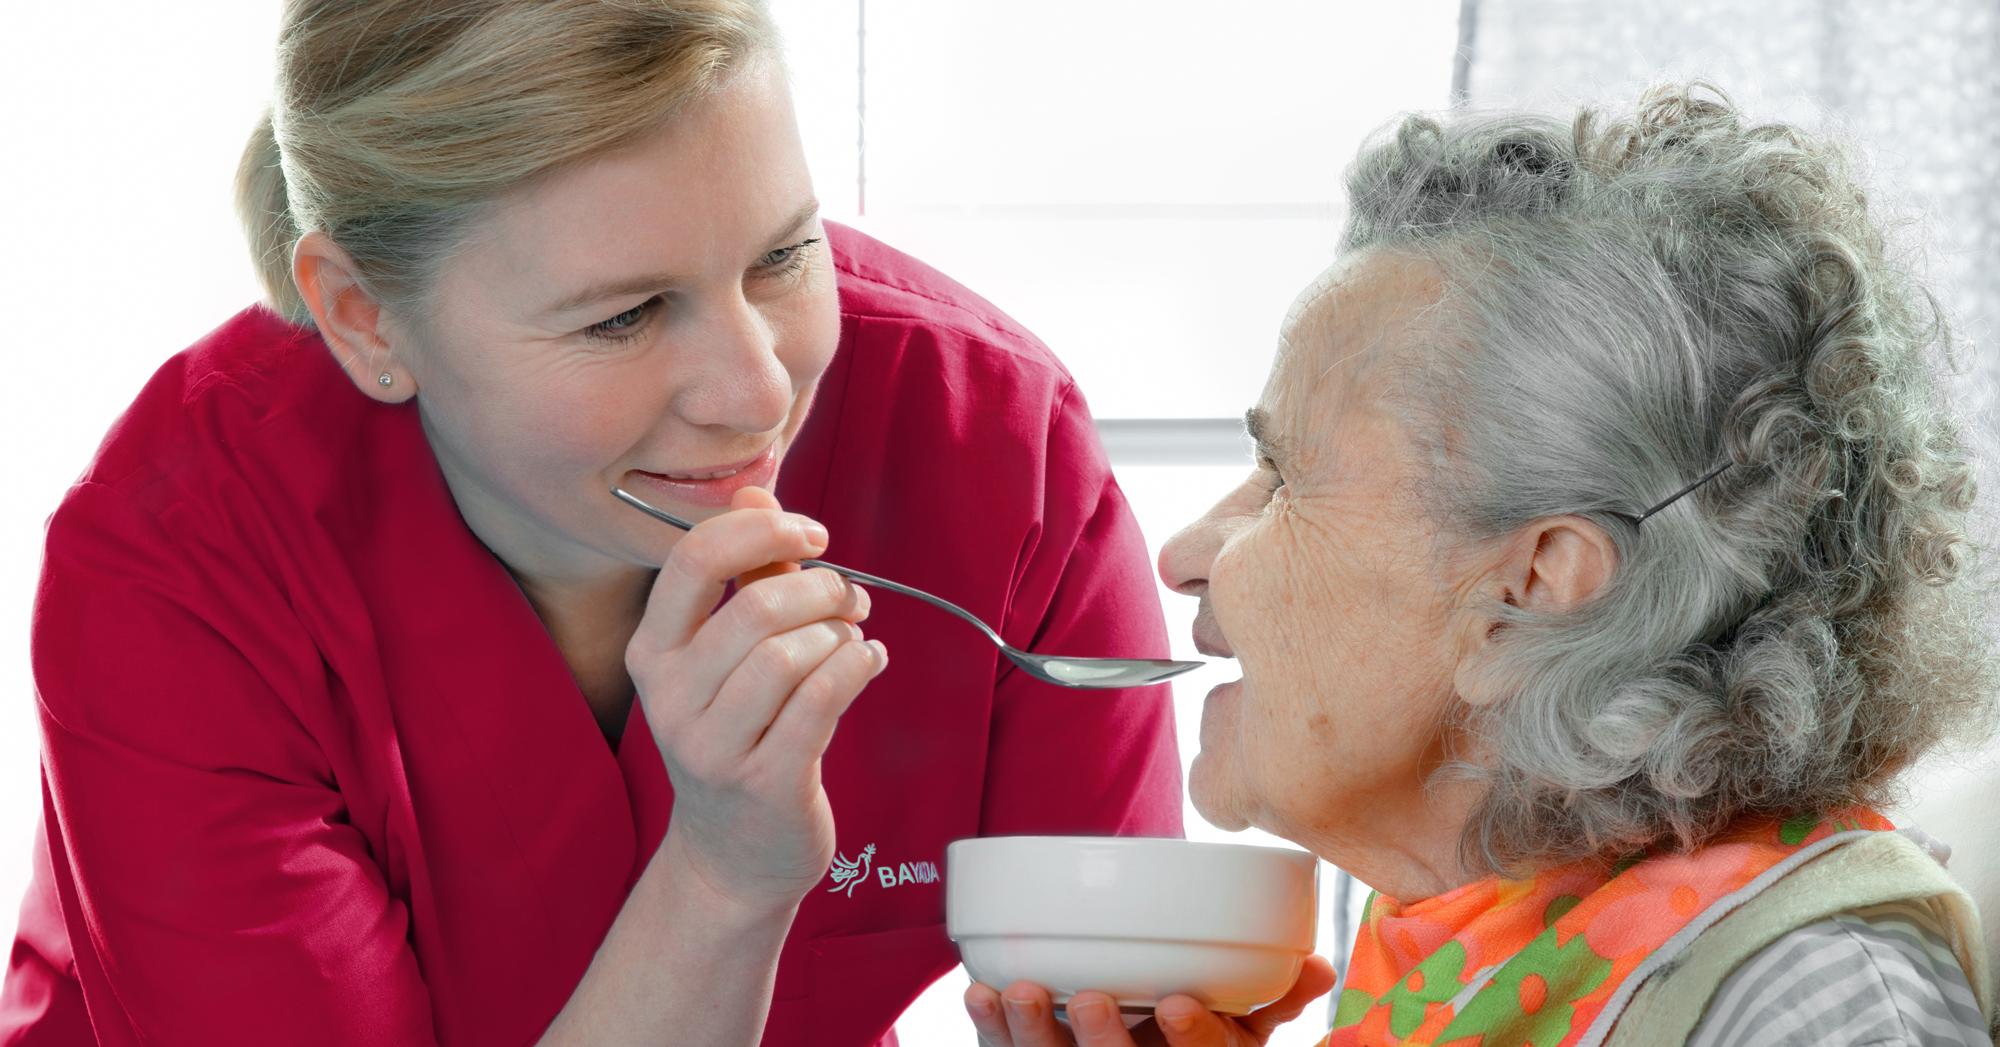 nursing assistant week 2019